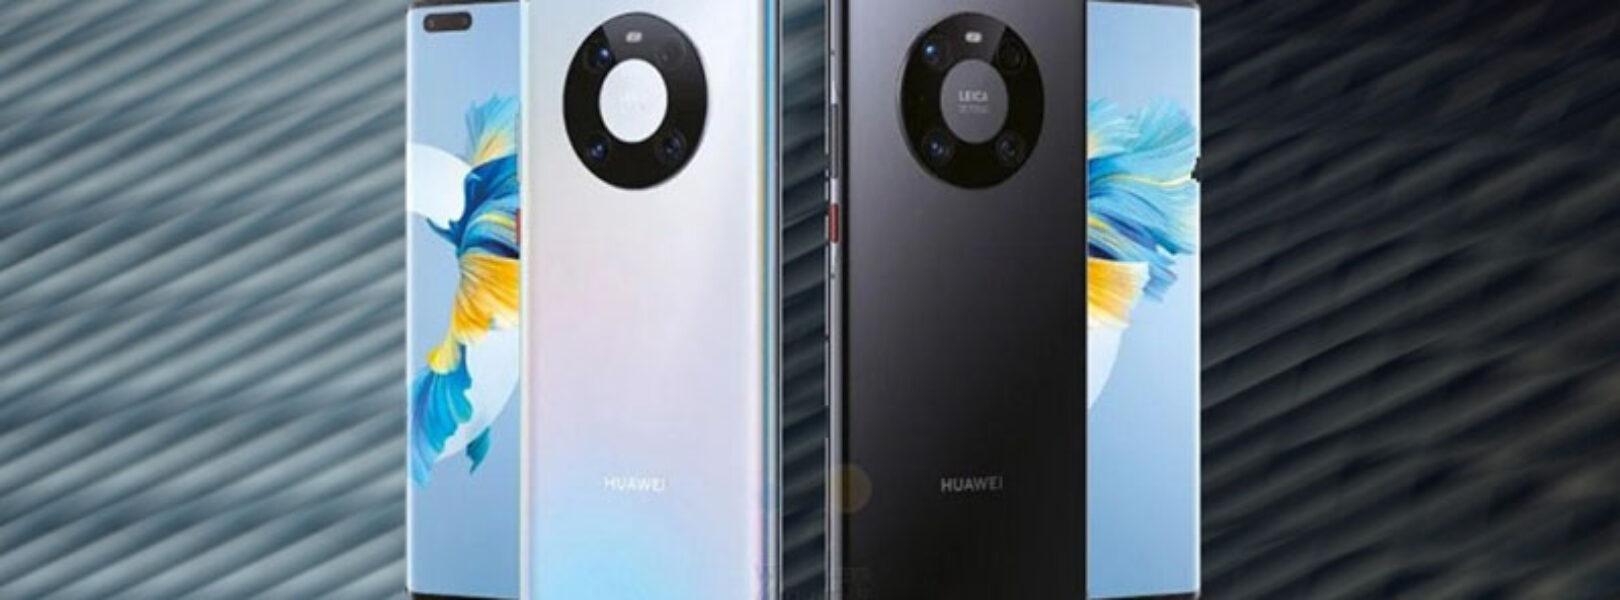 Huawei Mate 30E Pro tanıtıldı! Özellikleri de belli oldu